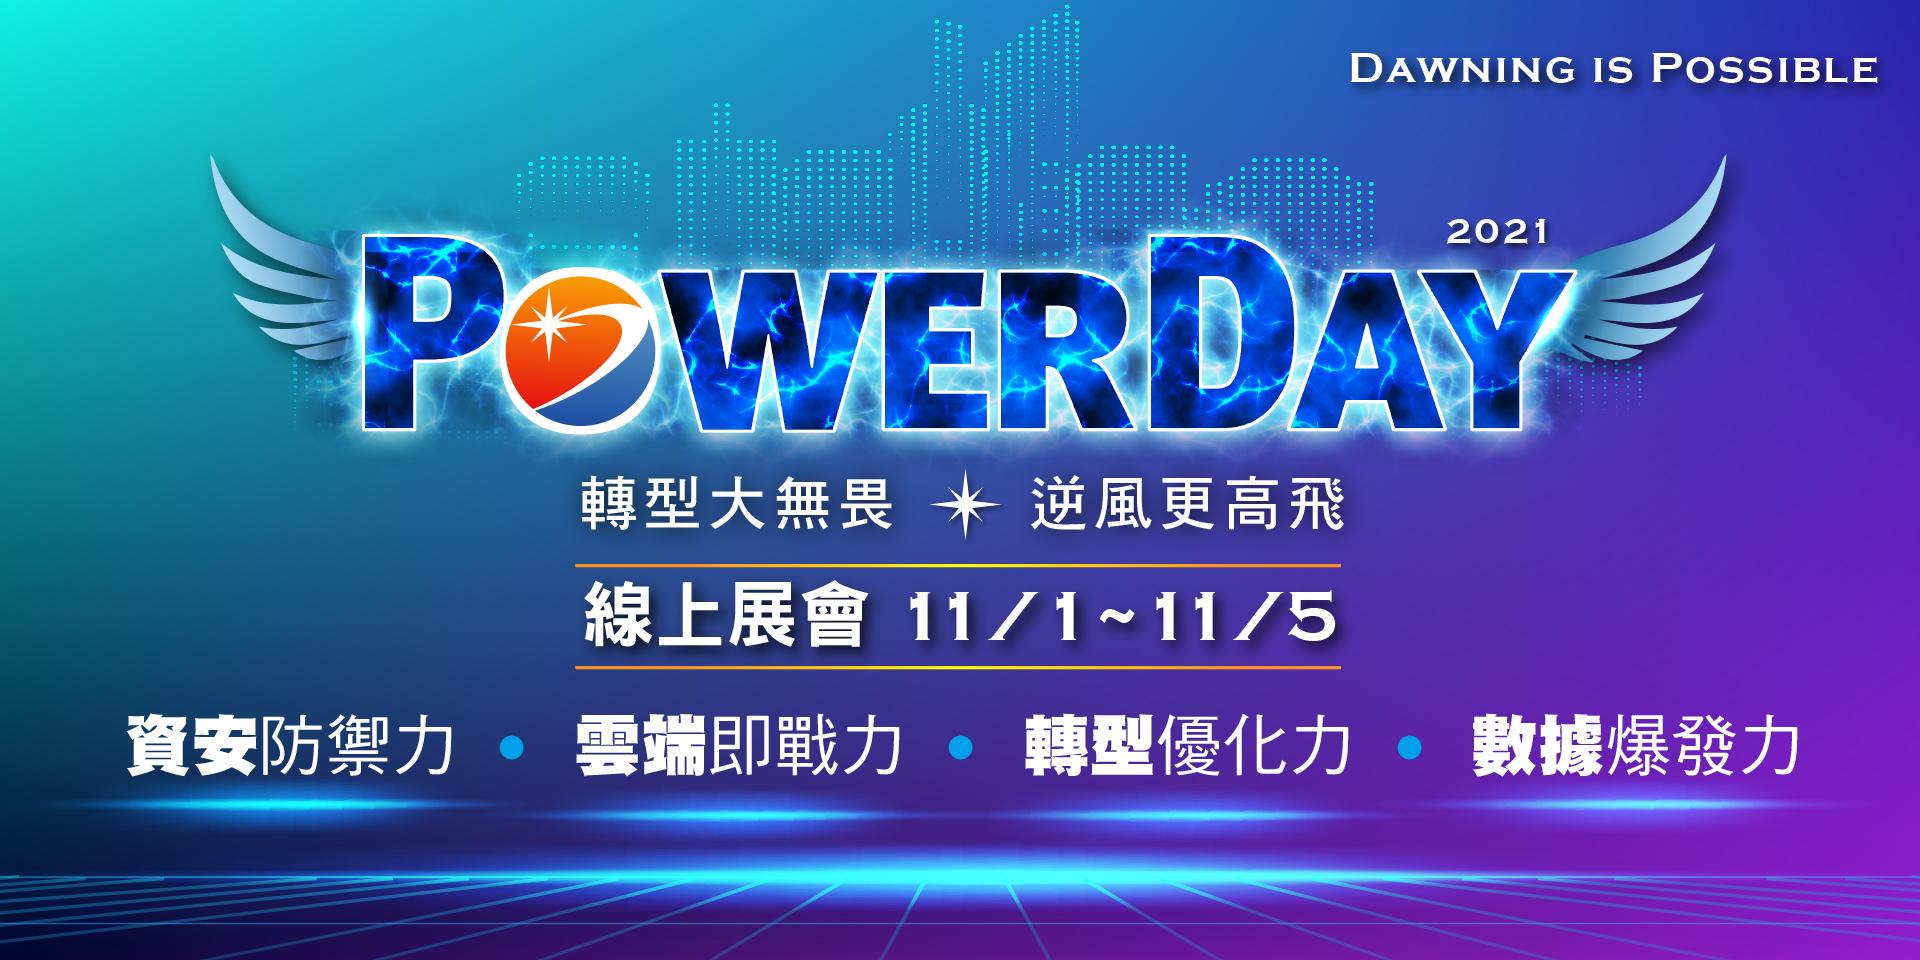 敦新2021PowerDay Banner